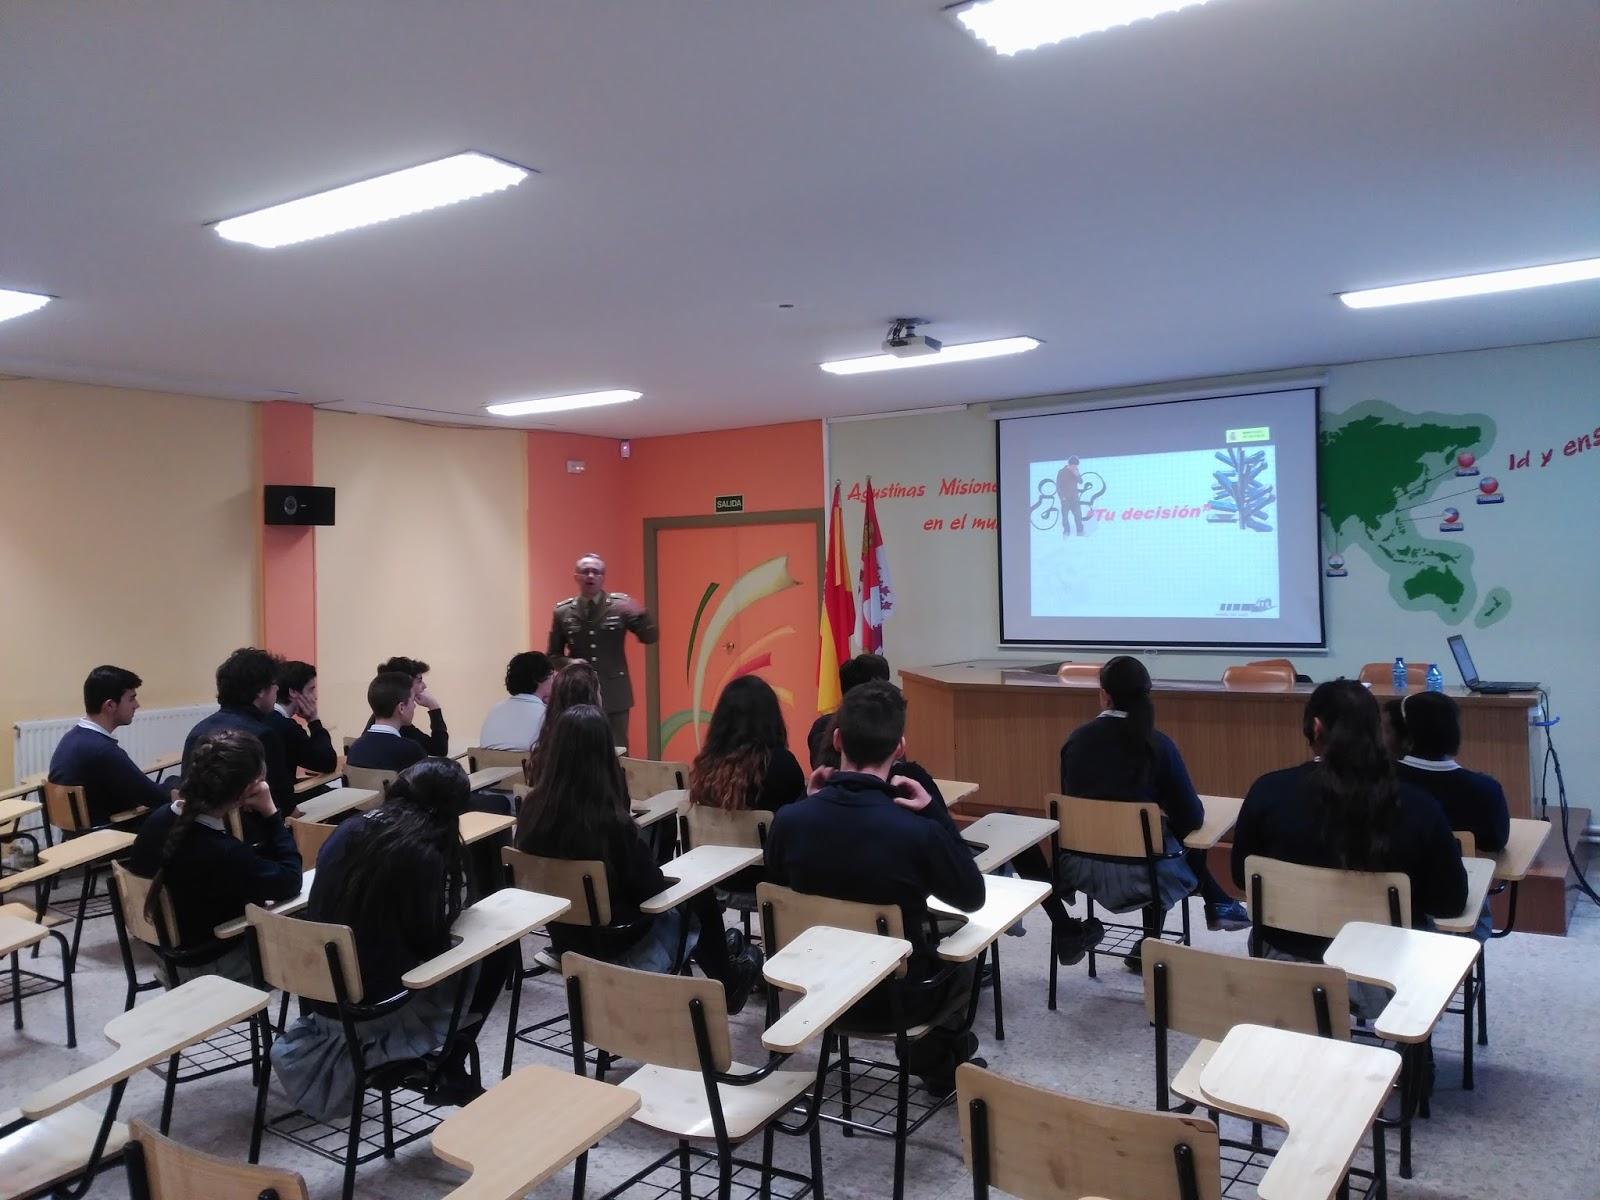 Agustinas Valladolid - ESO 4 - 2017 - Ejercito Orientación